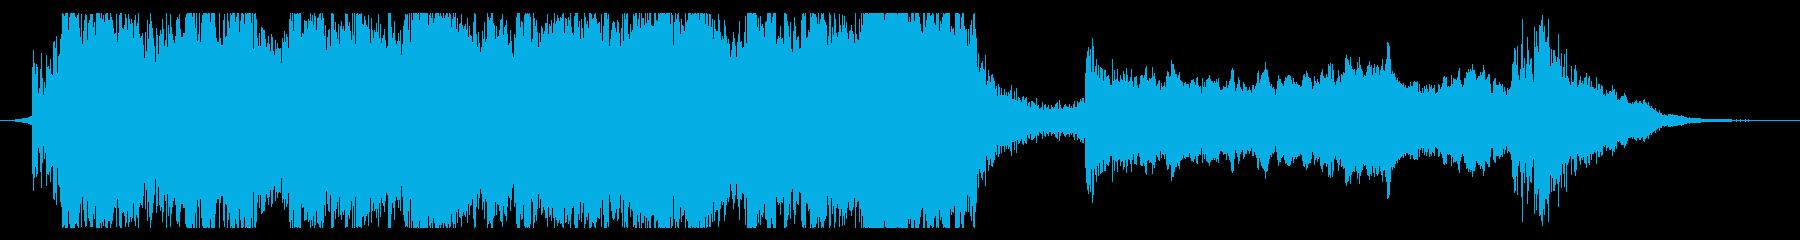 ハリウッド映画風の壮大なオーケストラ7Bの再生済みの波形